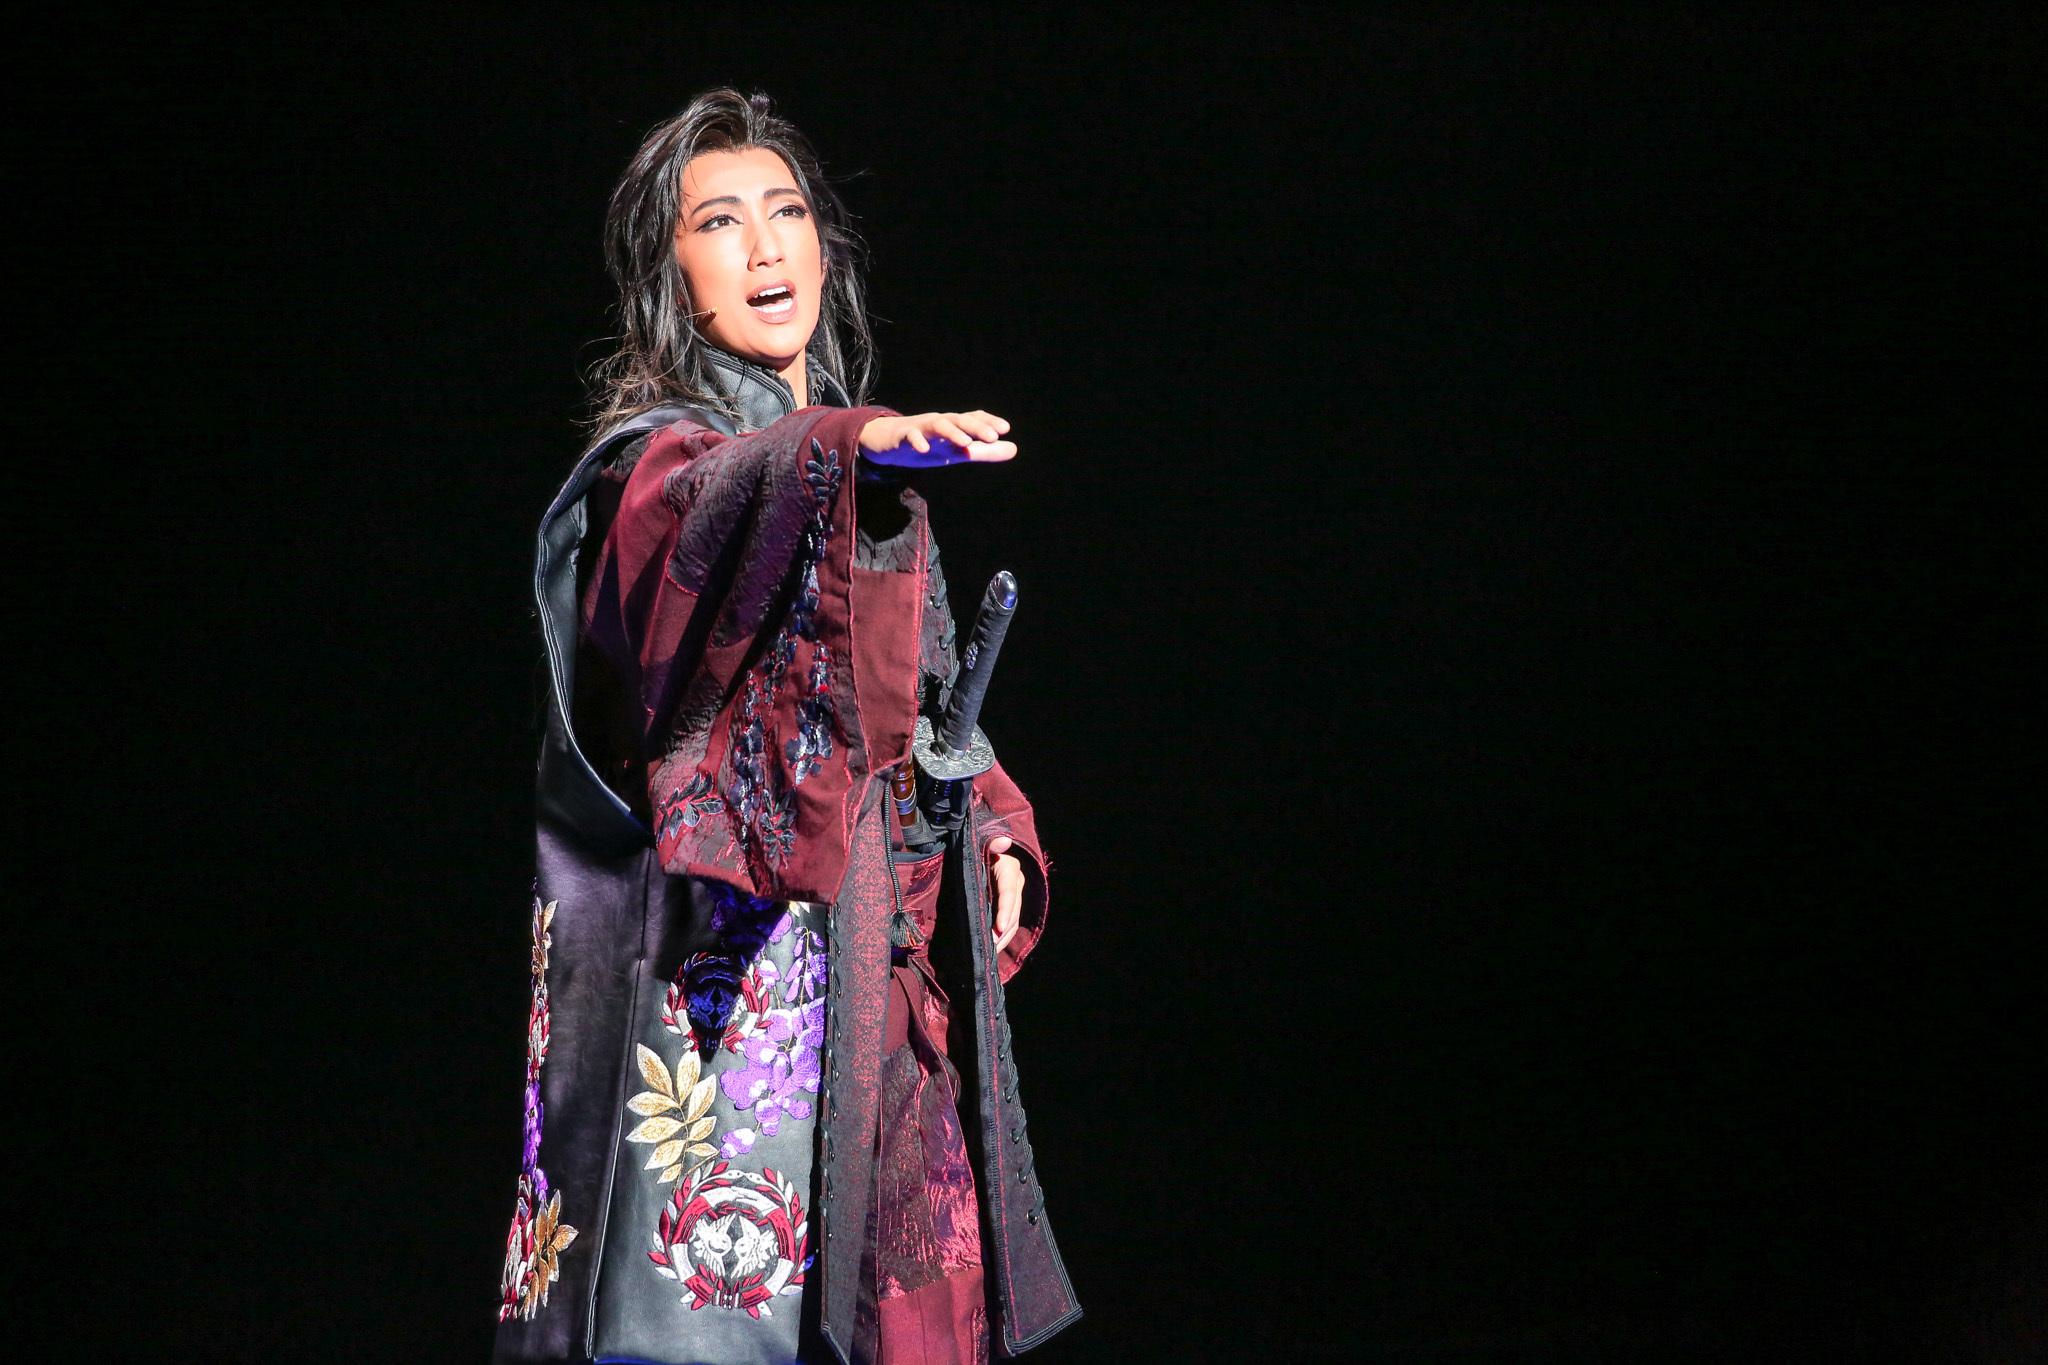 宝塚ミュージカル・ロマン 『El Japón(エル ハポン) -イスパニアのサムライ-』 撮影=田浦ボン